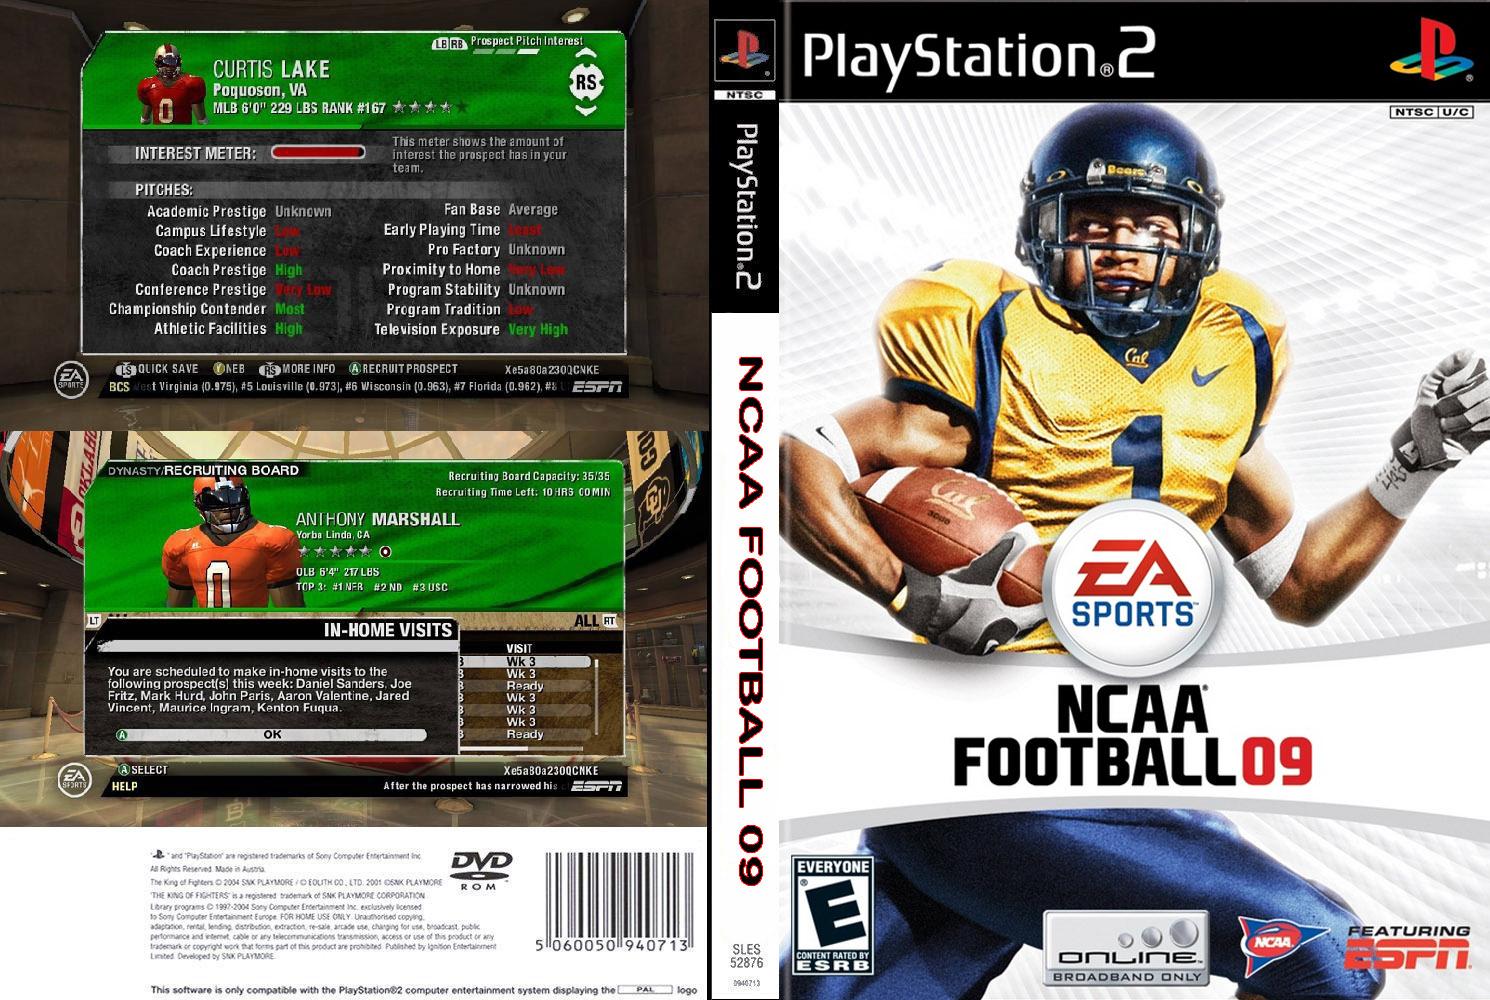 NCAAFootball09